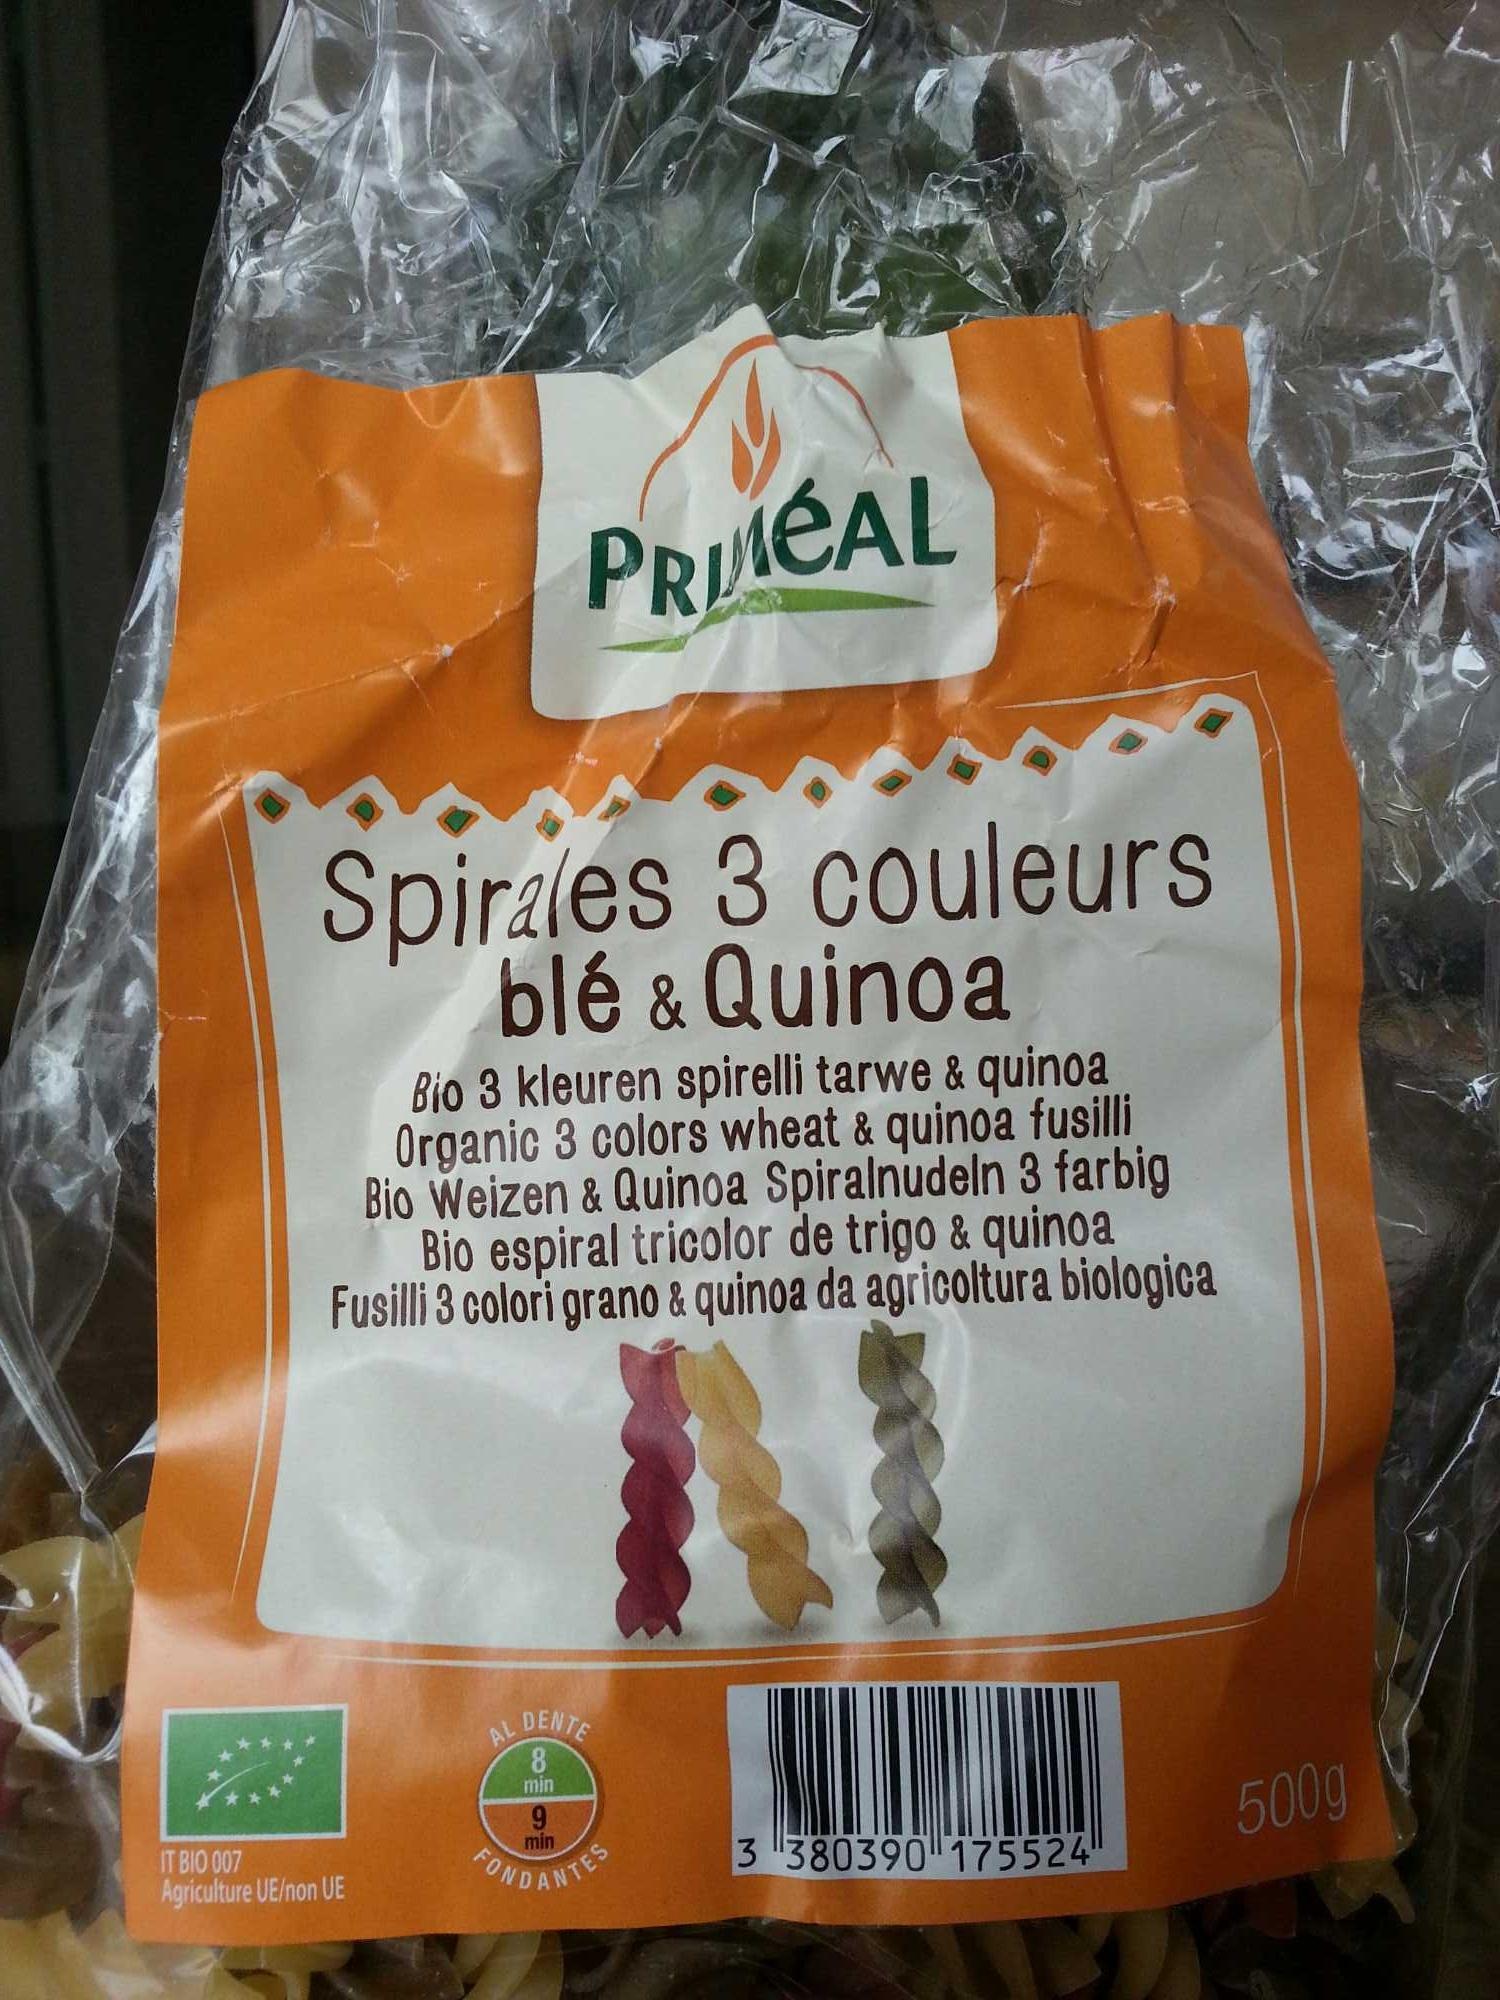 Spirales 3 couleurs blé & quinoa - Produit - fr